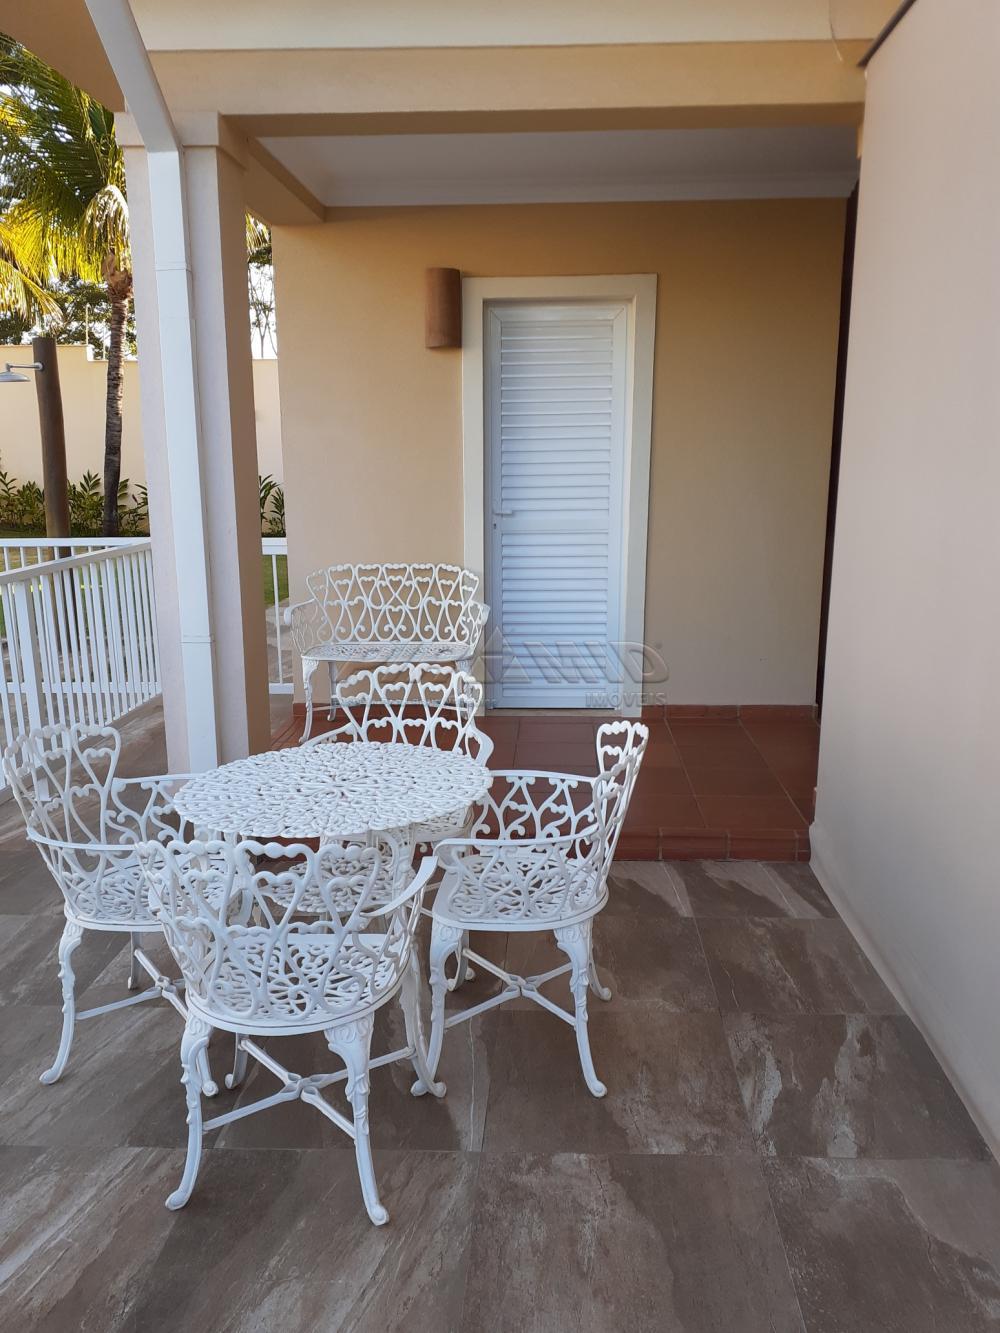 Comprar Casa / Condomínio em Ribeirão Preto apenas R$ 4.800.000,00 - Foto 38